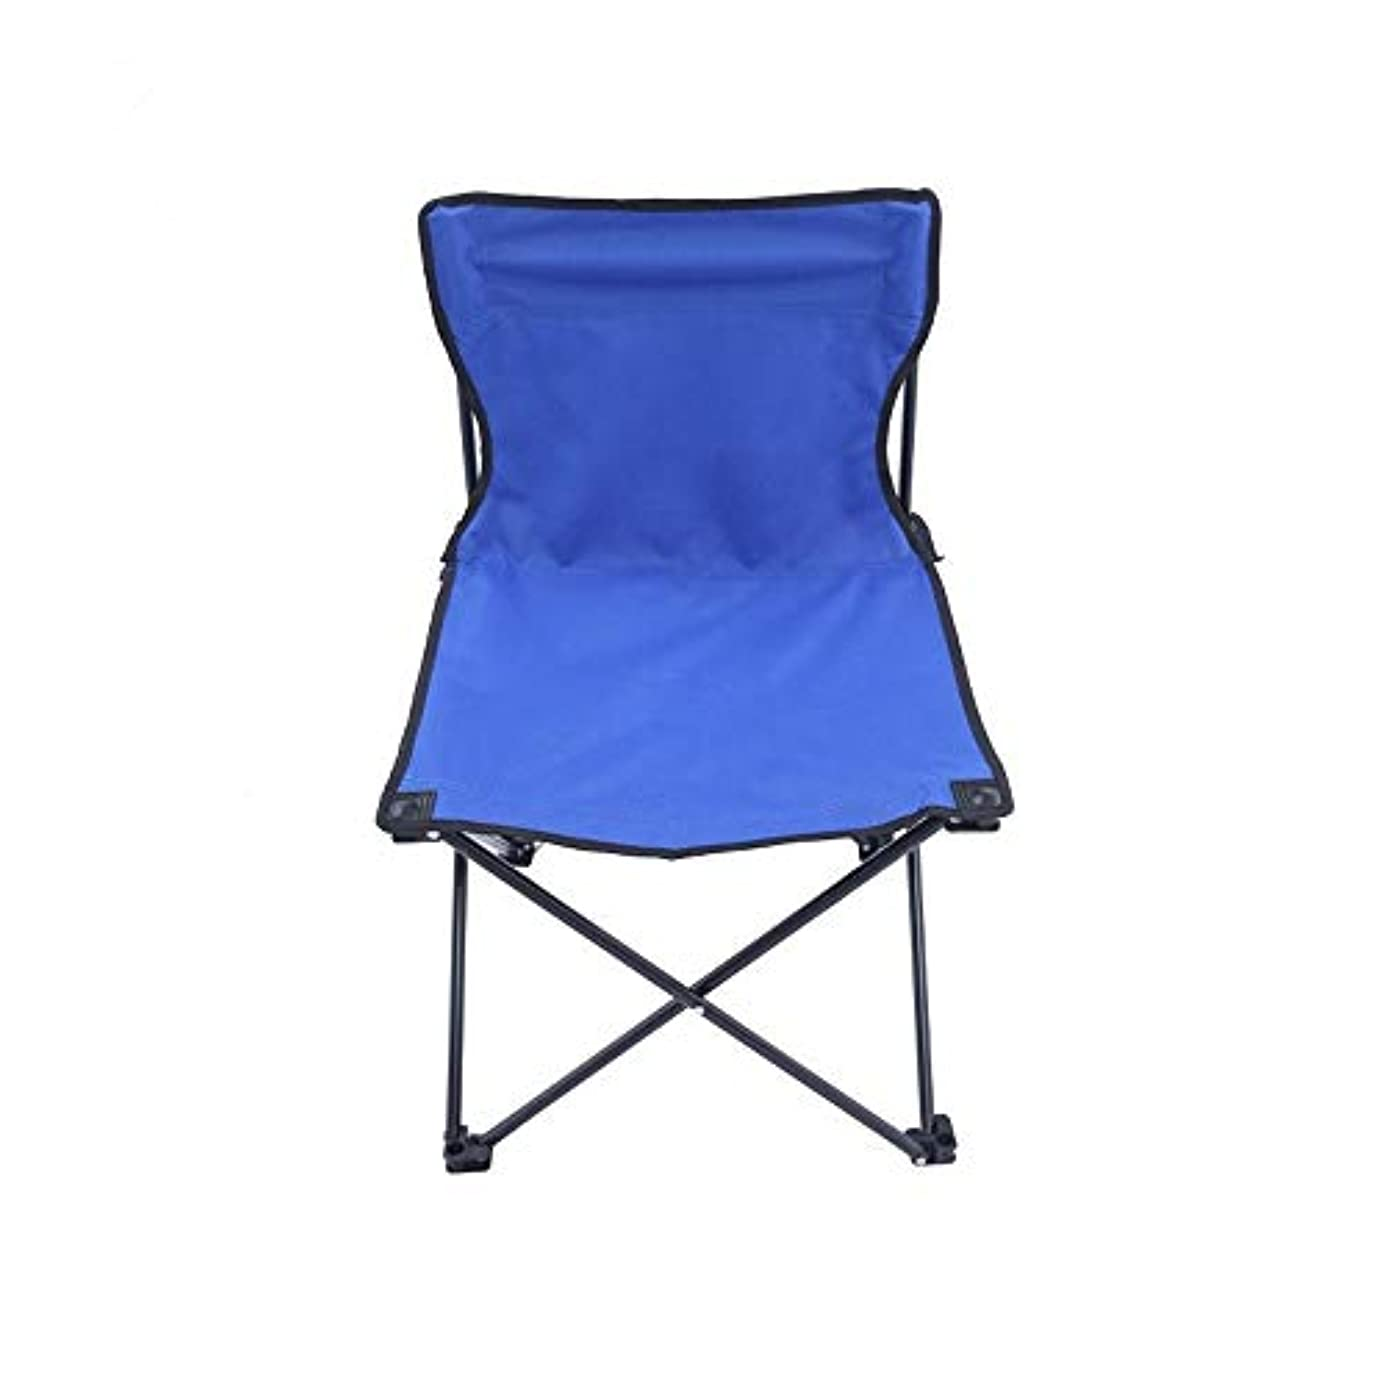 短命性別マカダム耐久の携帯用軽量の防水オックスフォードの屋外の折りたたみ椅子キャンプ釣り旅行ハイキングピクニックビーチ あらゆる種類の野外活動に適しています (色 : 青, サイズ : 45*45*70cm)